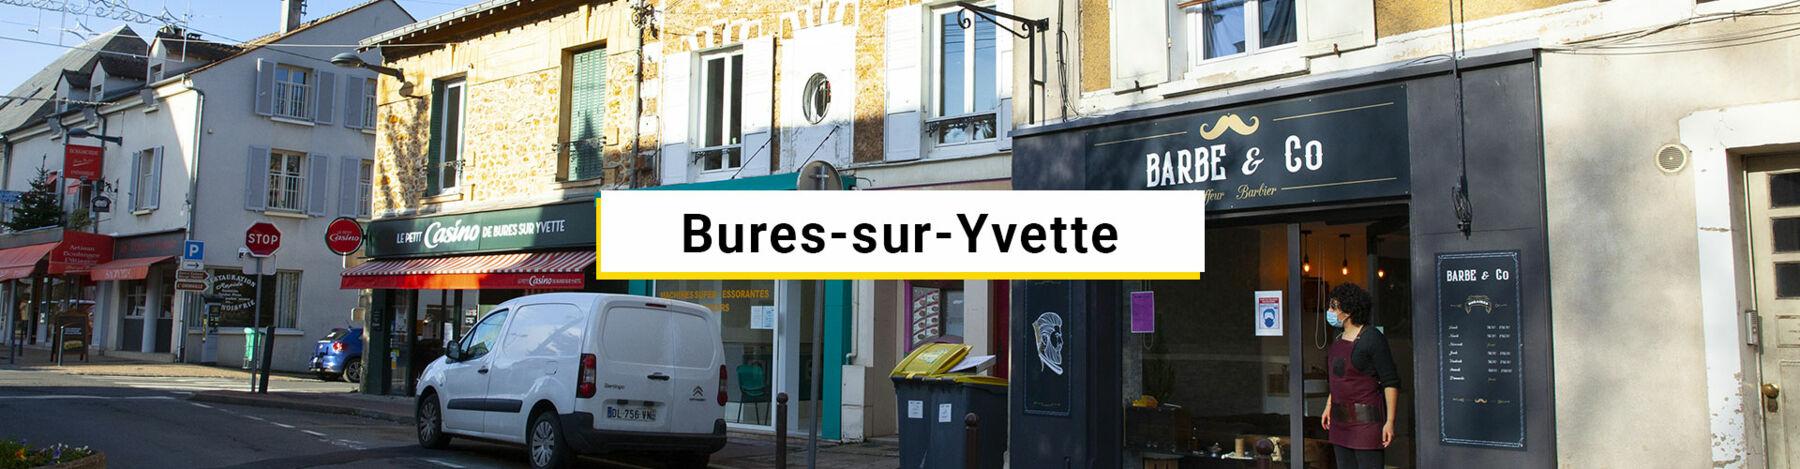 Bures-Sur-Yvette boutiques